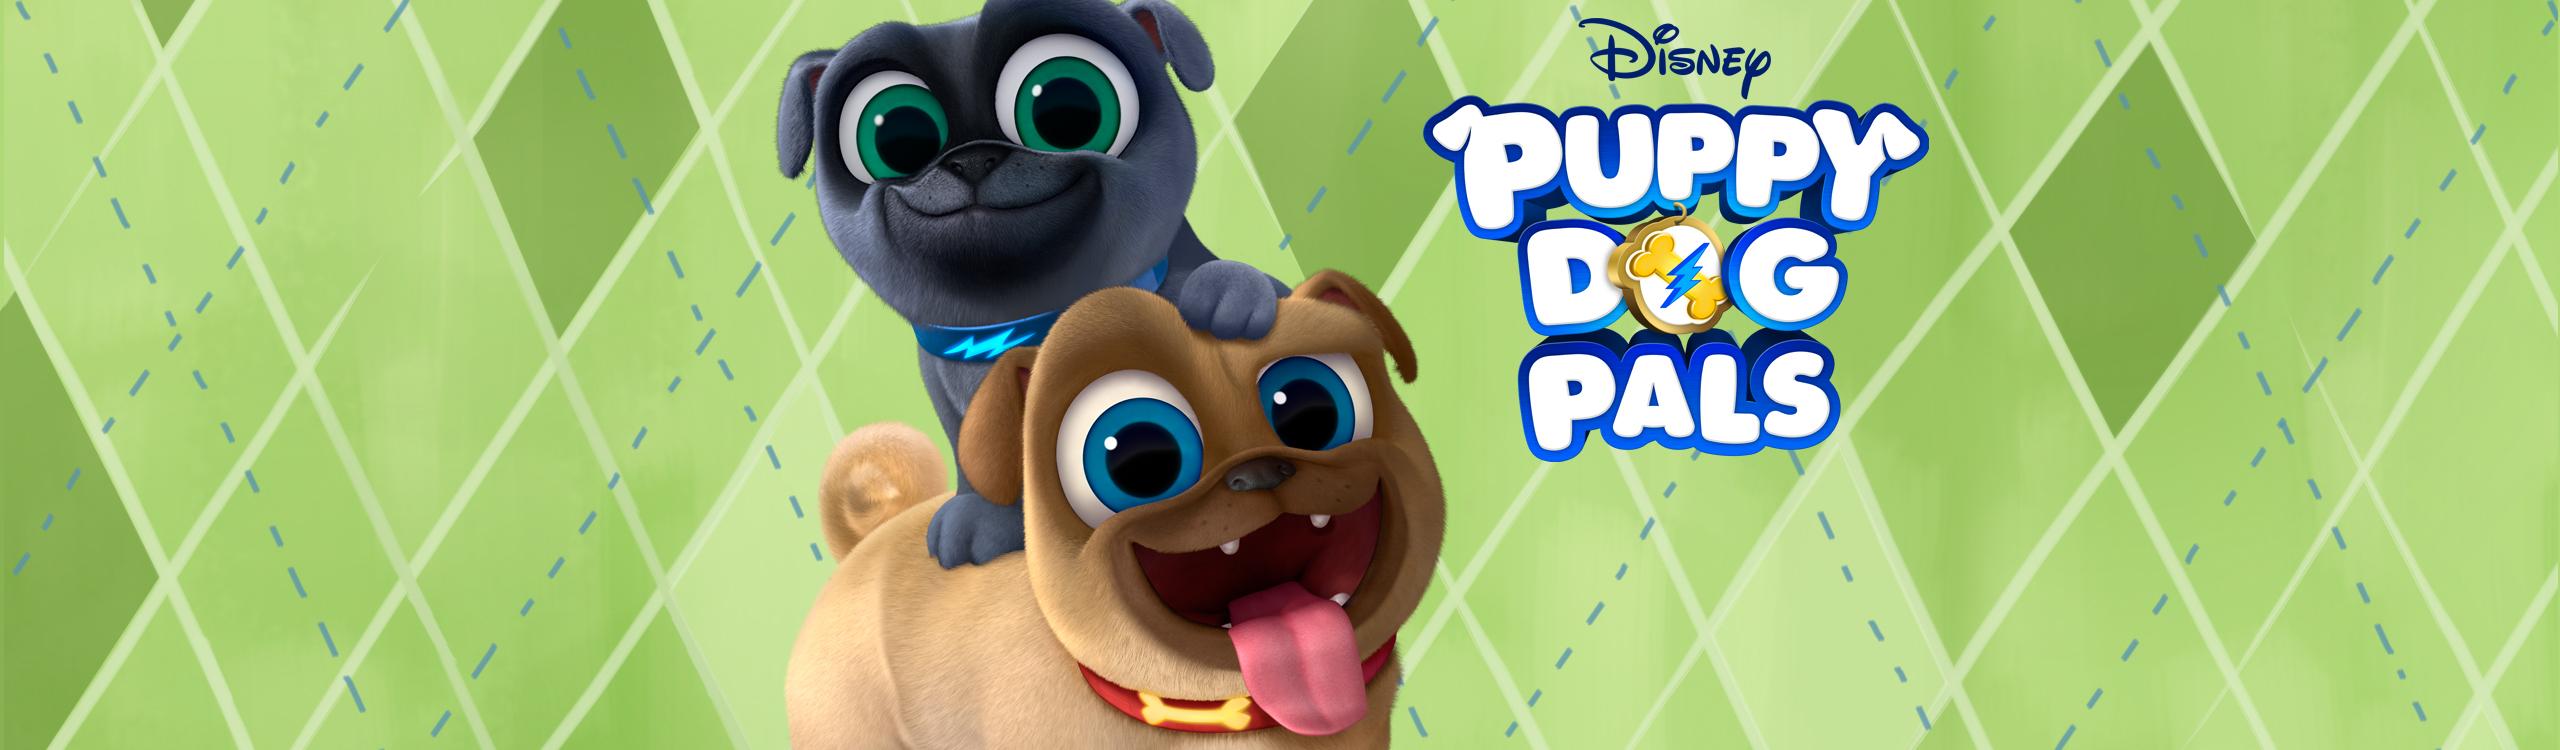 Puppy Dog Pals | Disney Junior Channel